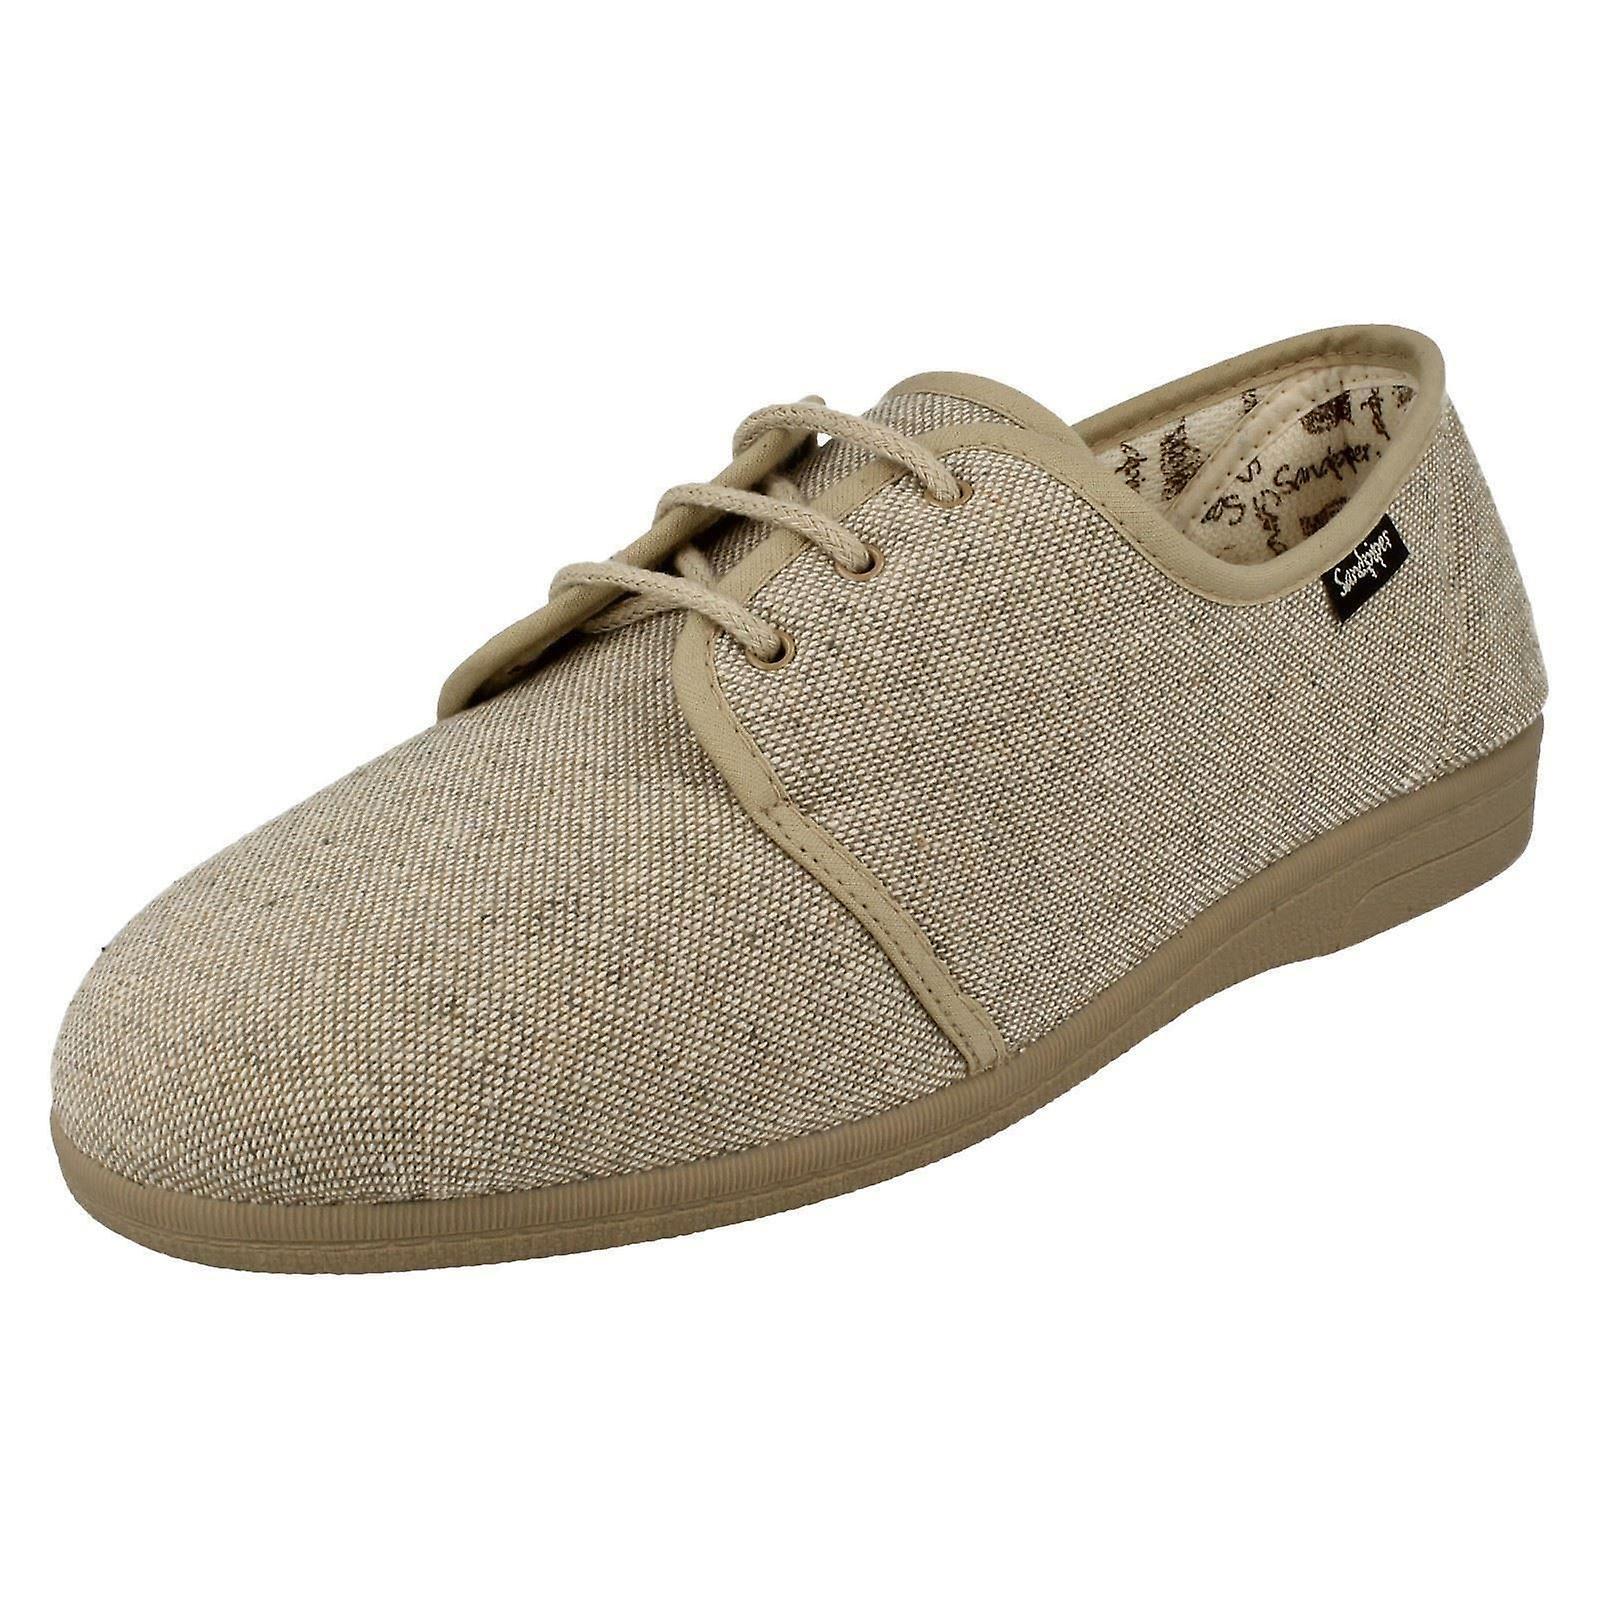 Sandpiper Mens Lace Up Casual scarpe Kevin | Alta sicurezza  | Maschio/Ragazze Scarpa